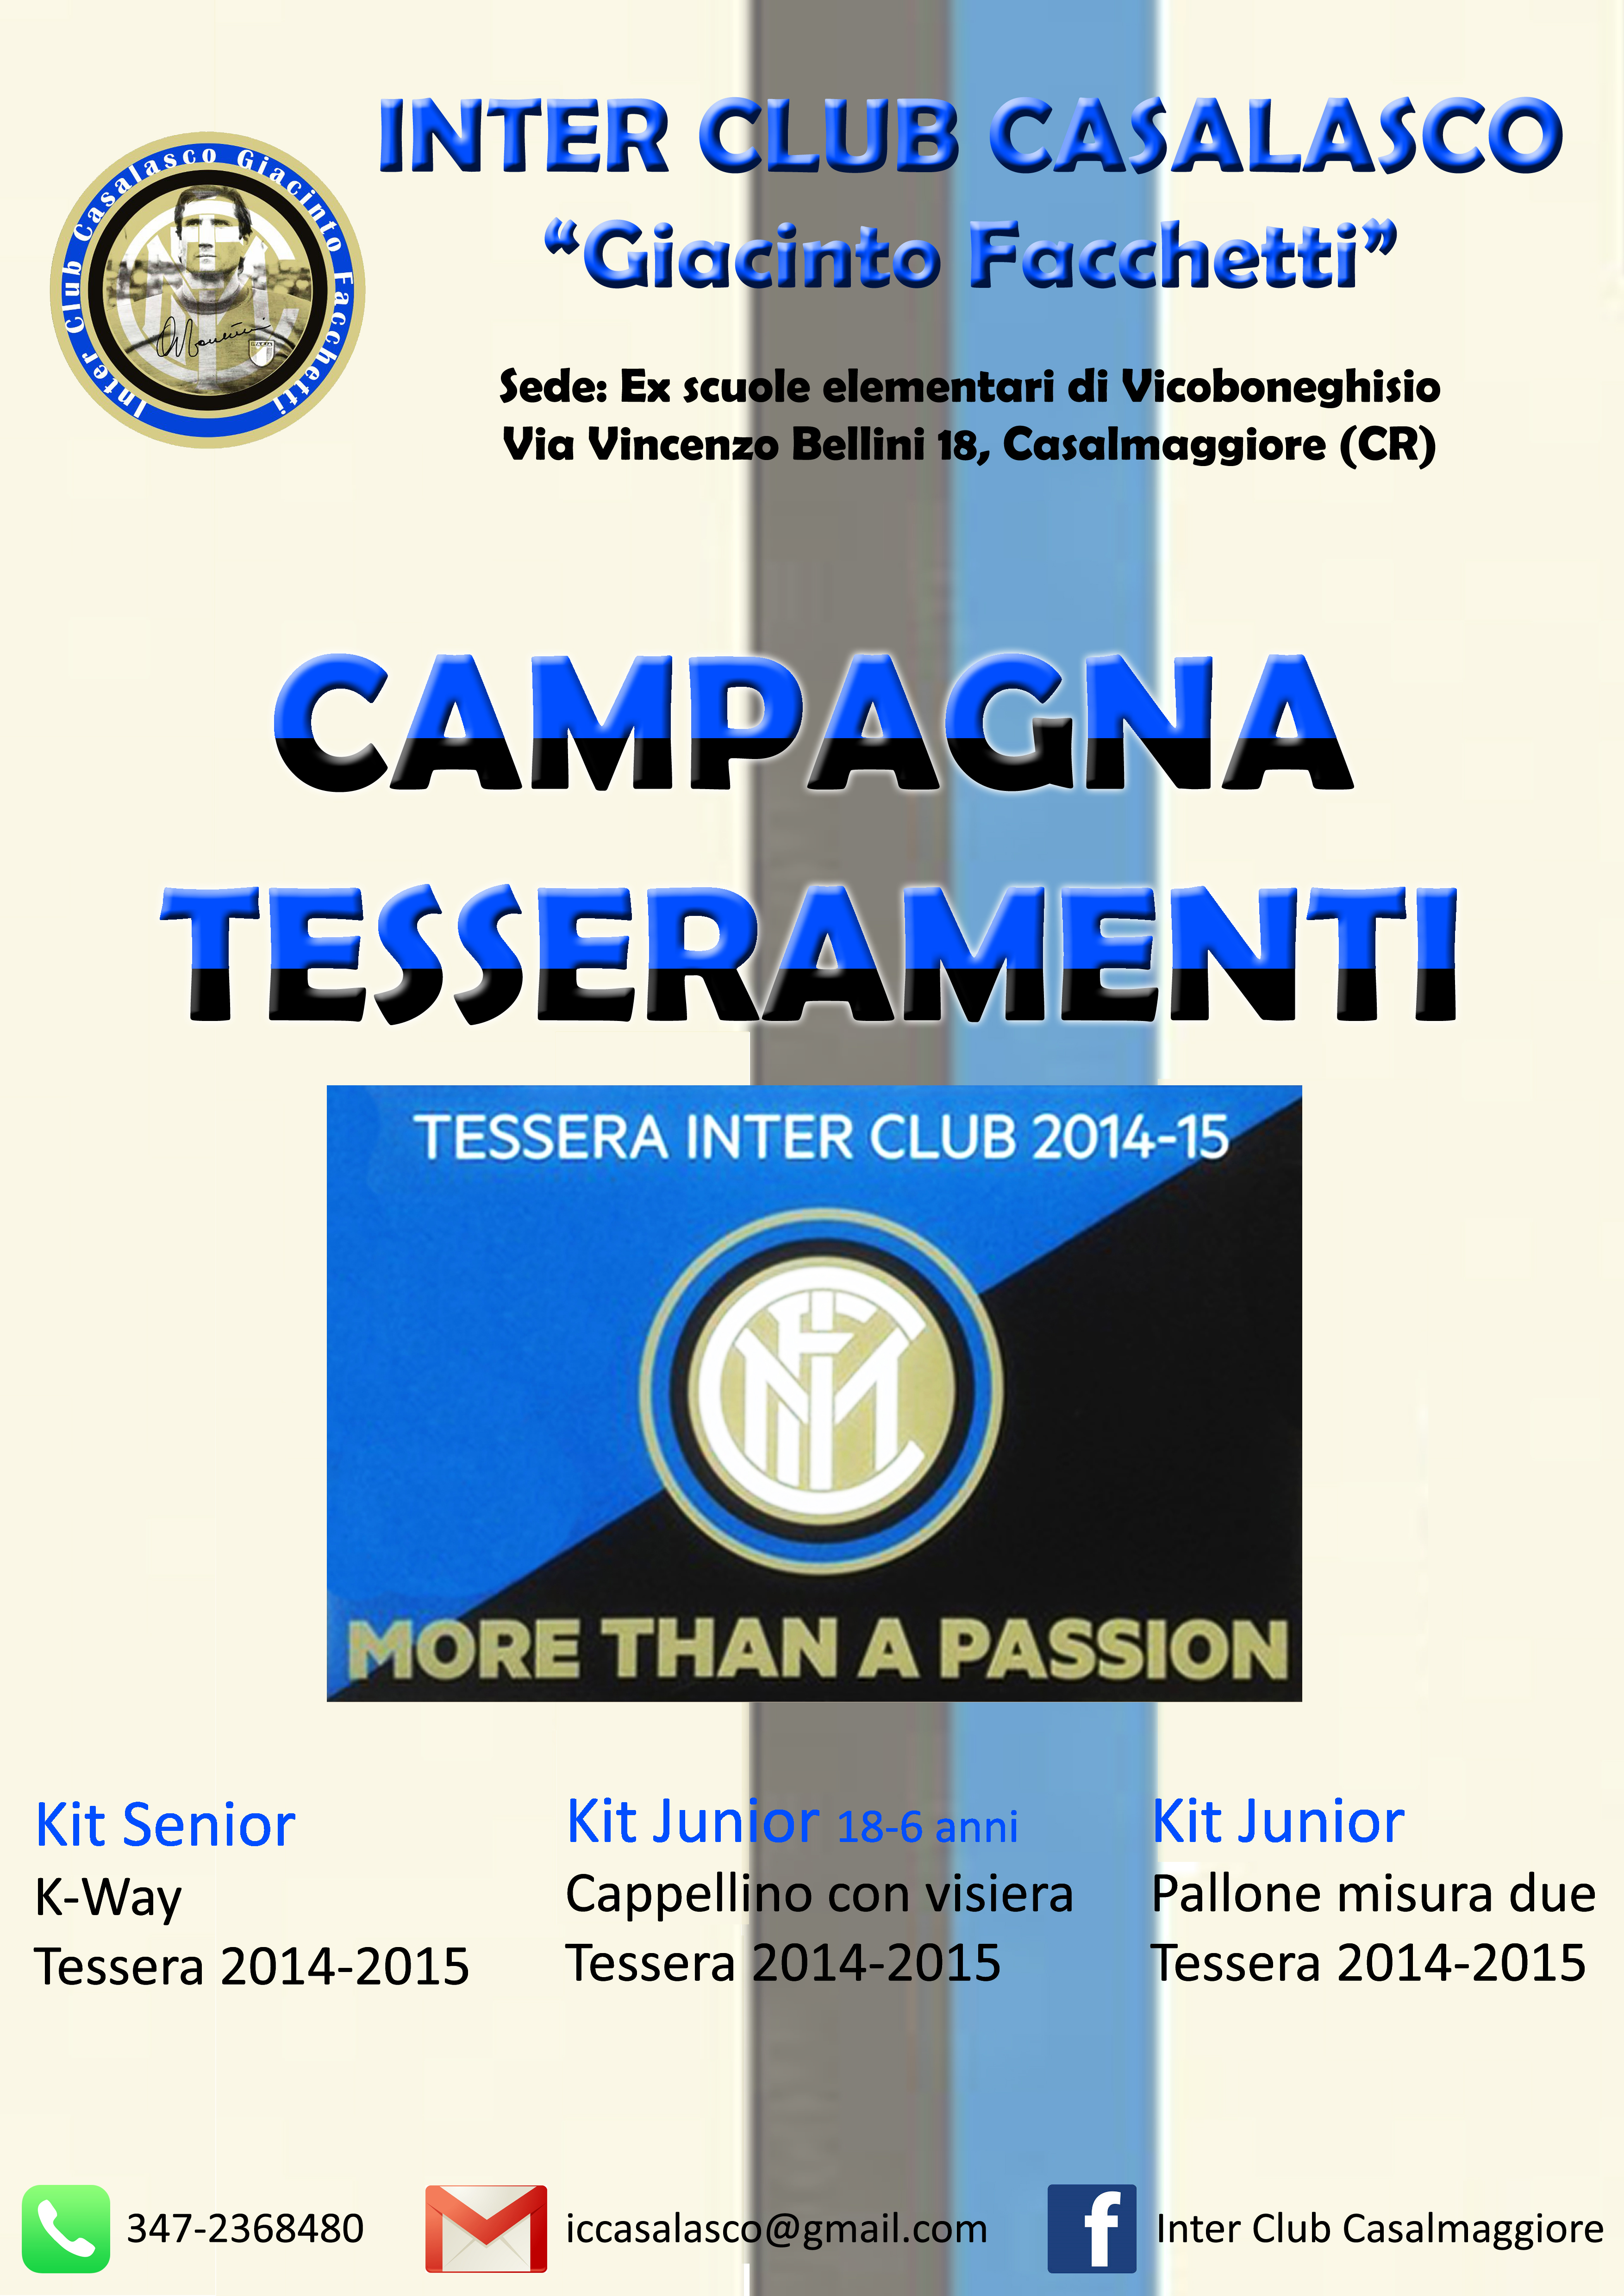 CAMPAGNA TESSERAMENTI INTER CLUB CASALASCO